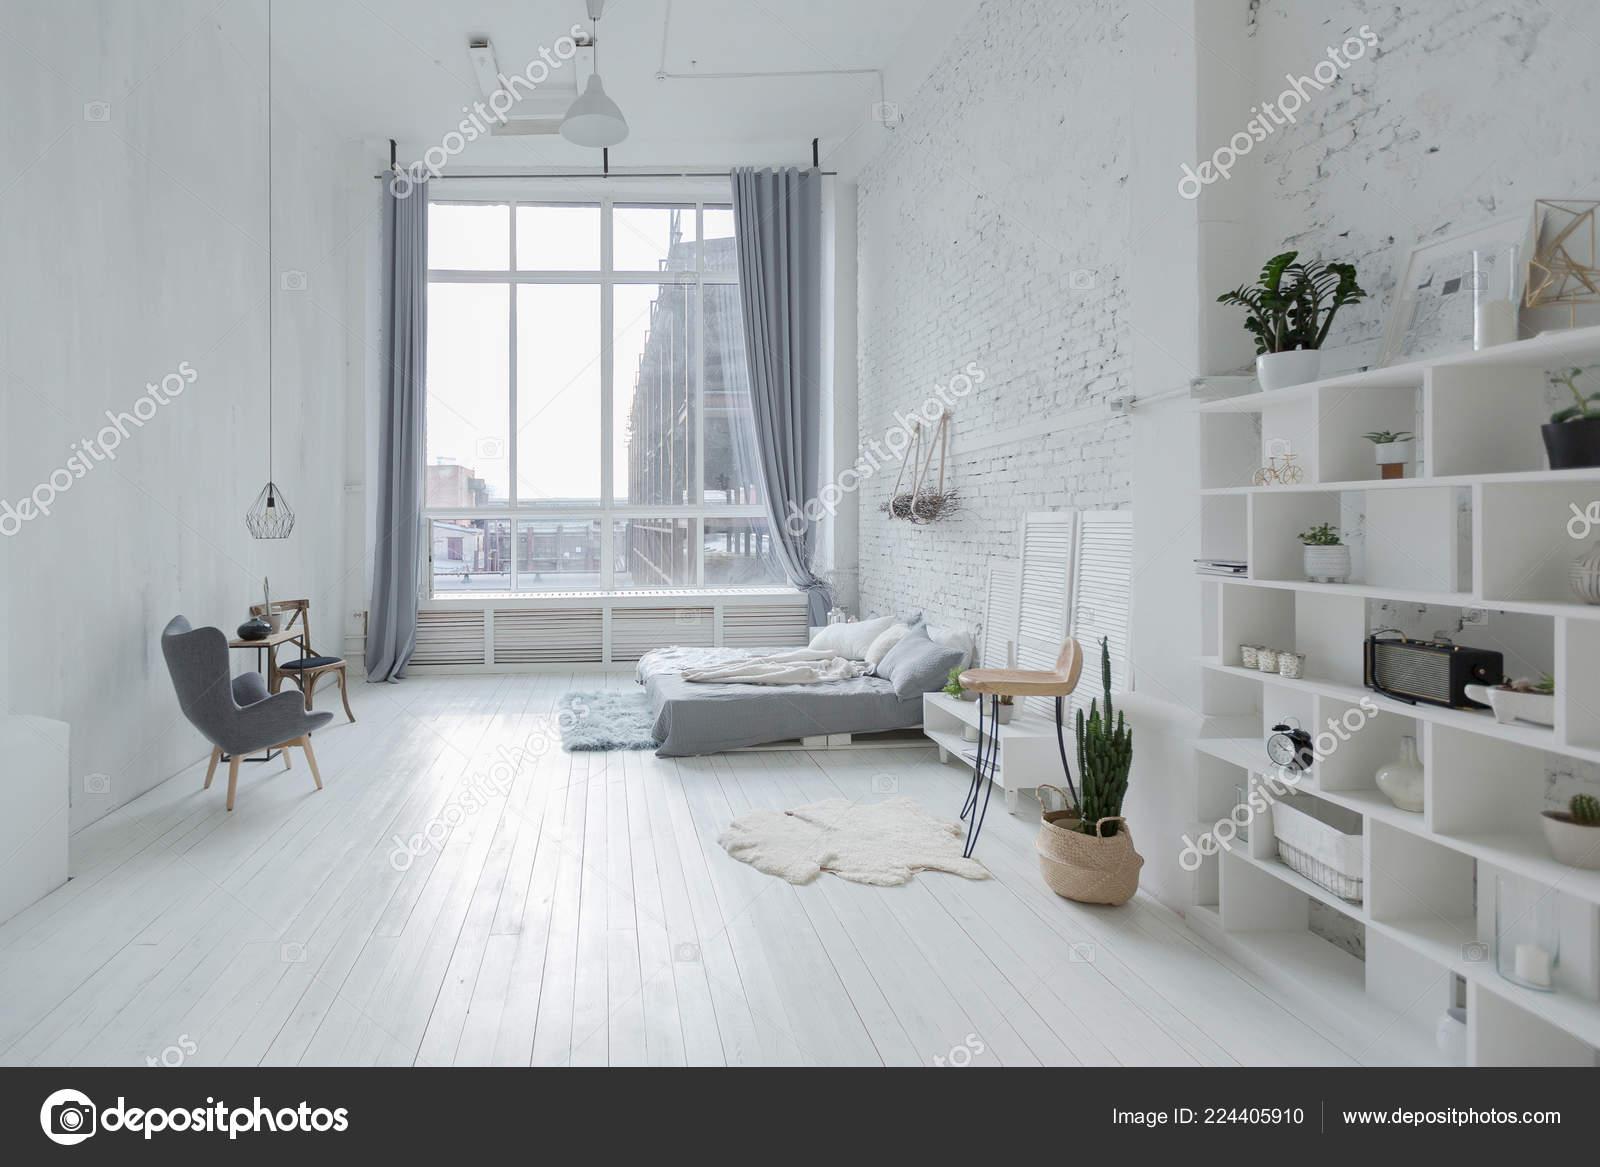 Modern Interior Design Studio Apartment, Studio Living Room Furniture